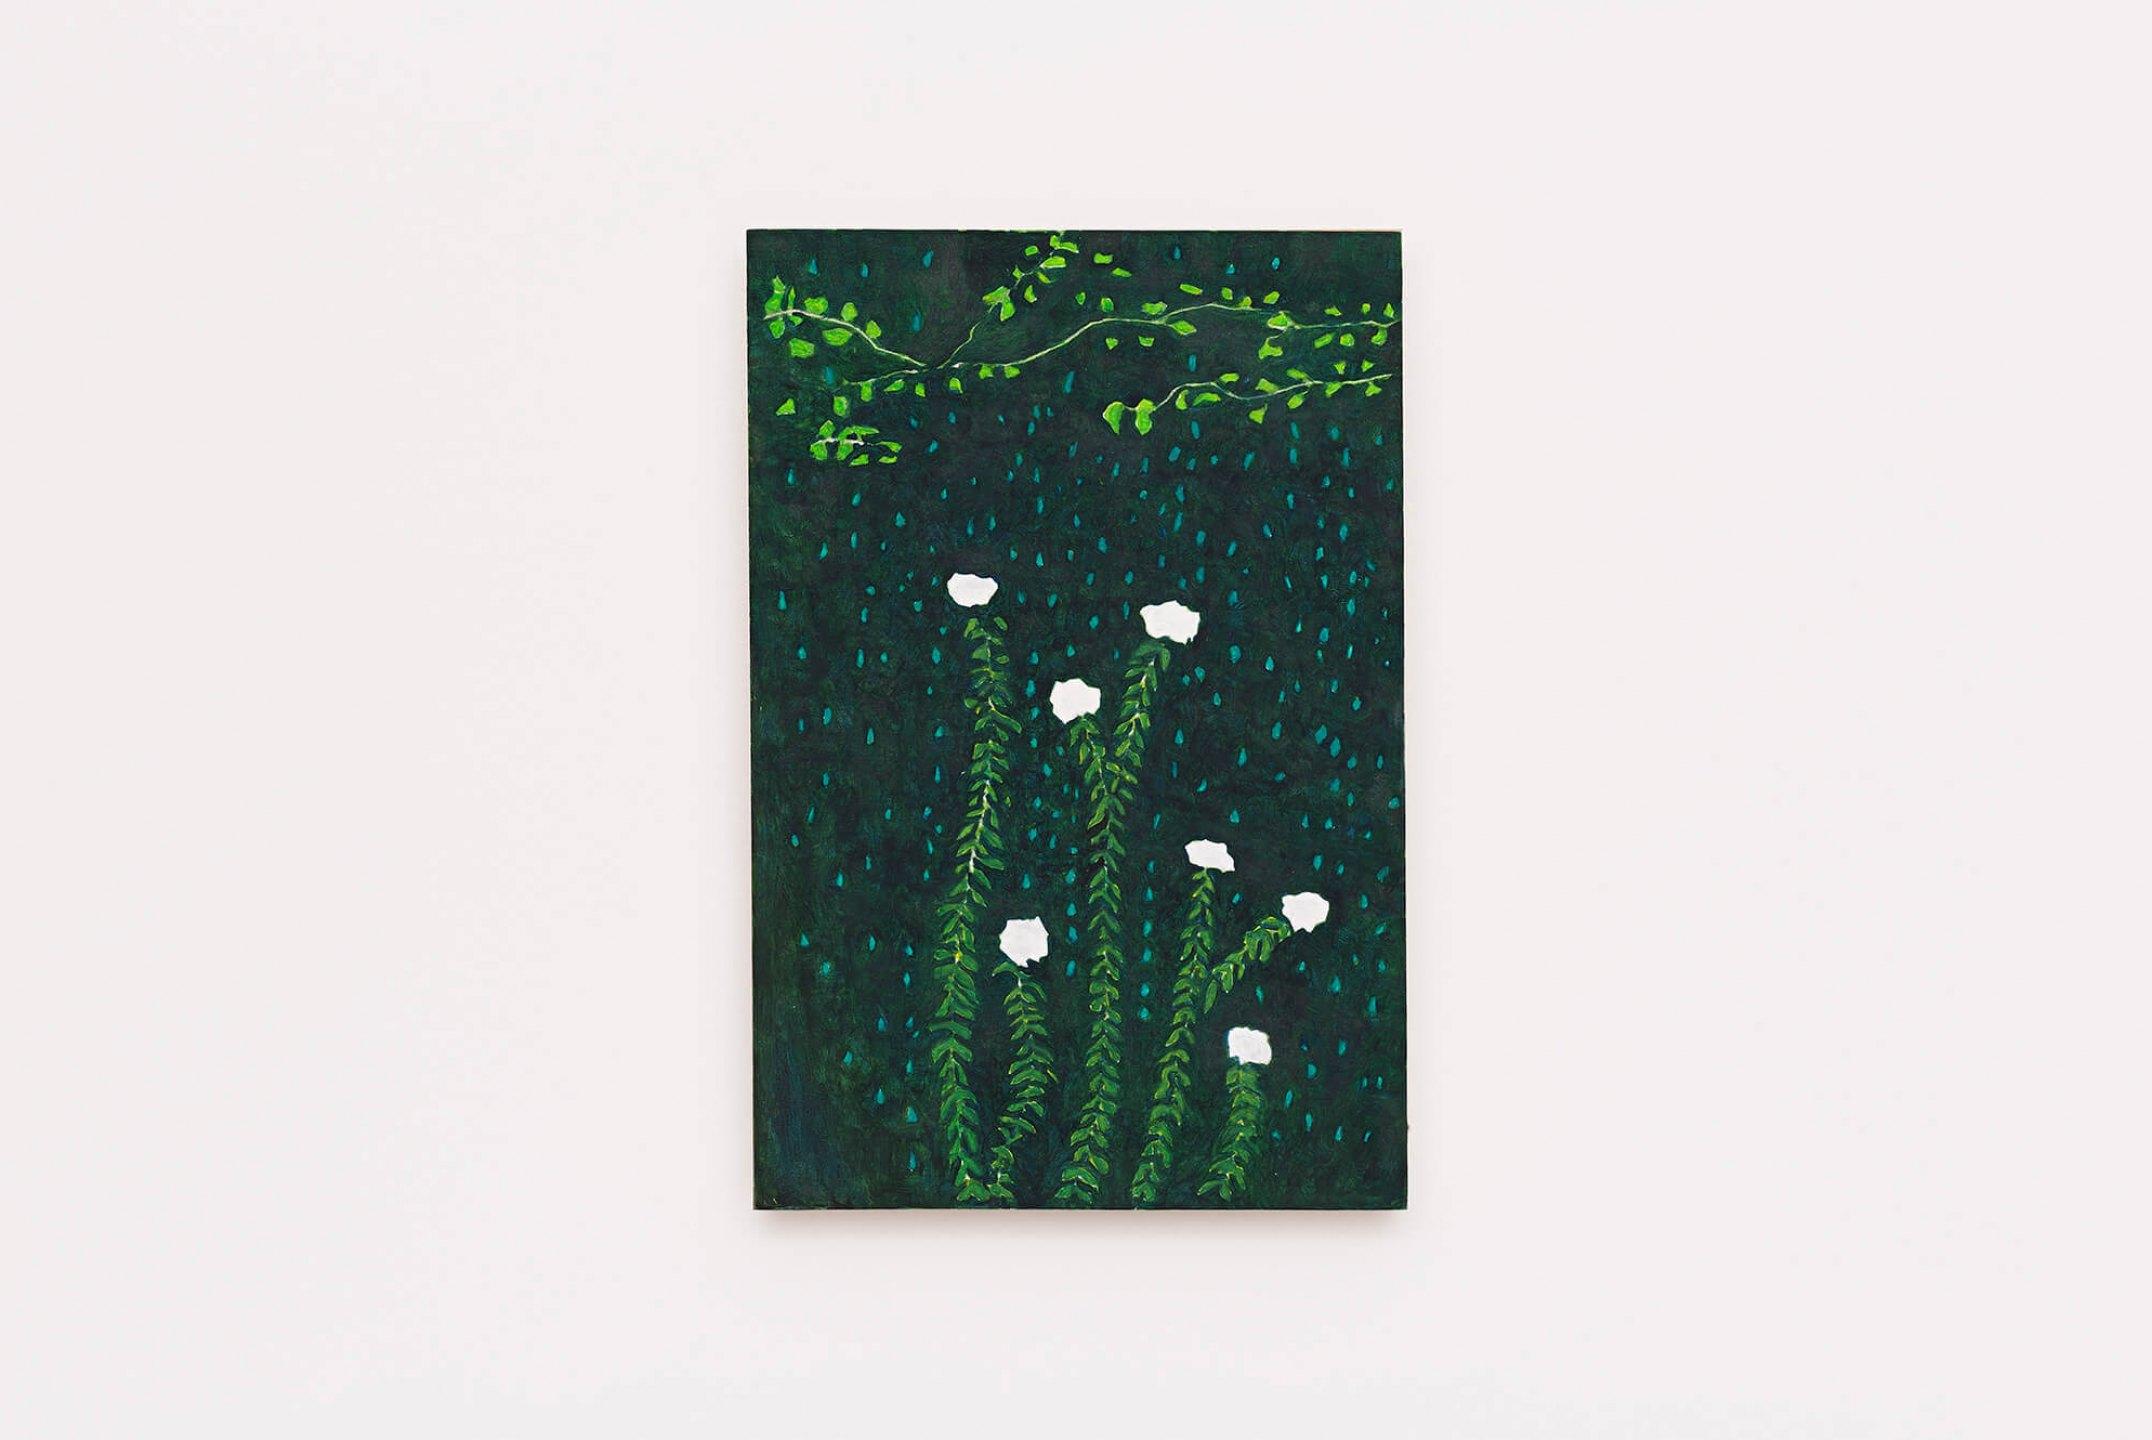 Patricia Leite, <em>Chovendo na roseira</em>, 2015, oil on canvas, 25×15 cm - Mendes Wood DM